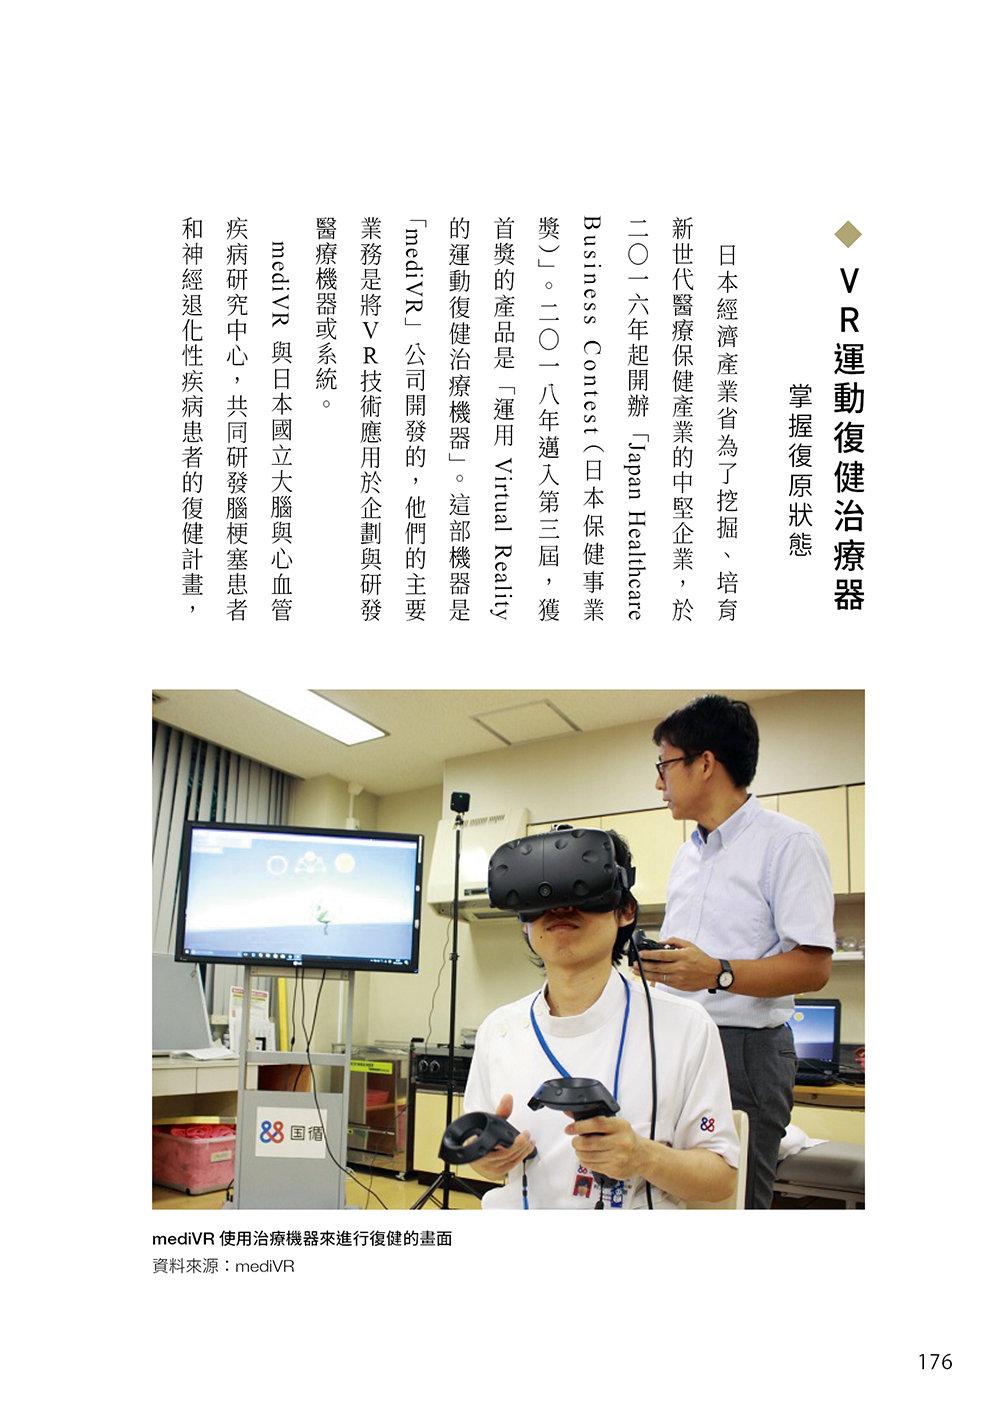 連結世界的 100種新技術 : 跨領域科技改變人類的未來-preview-8